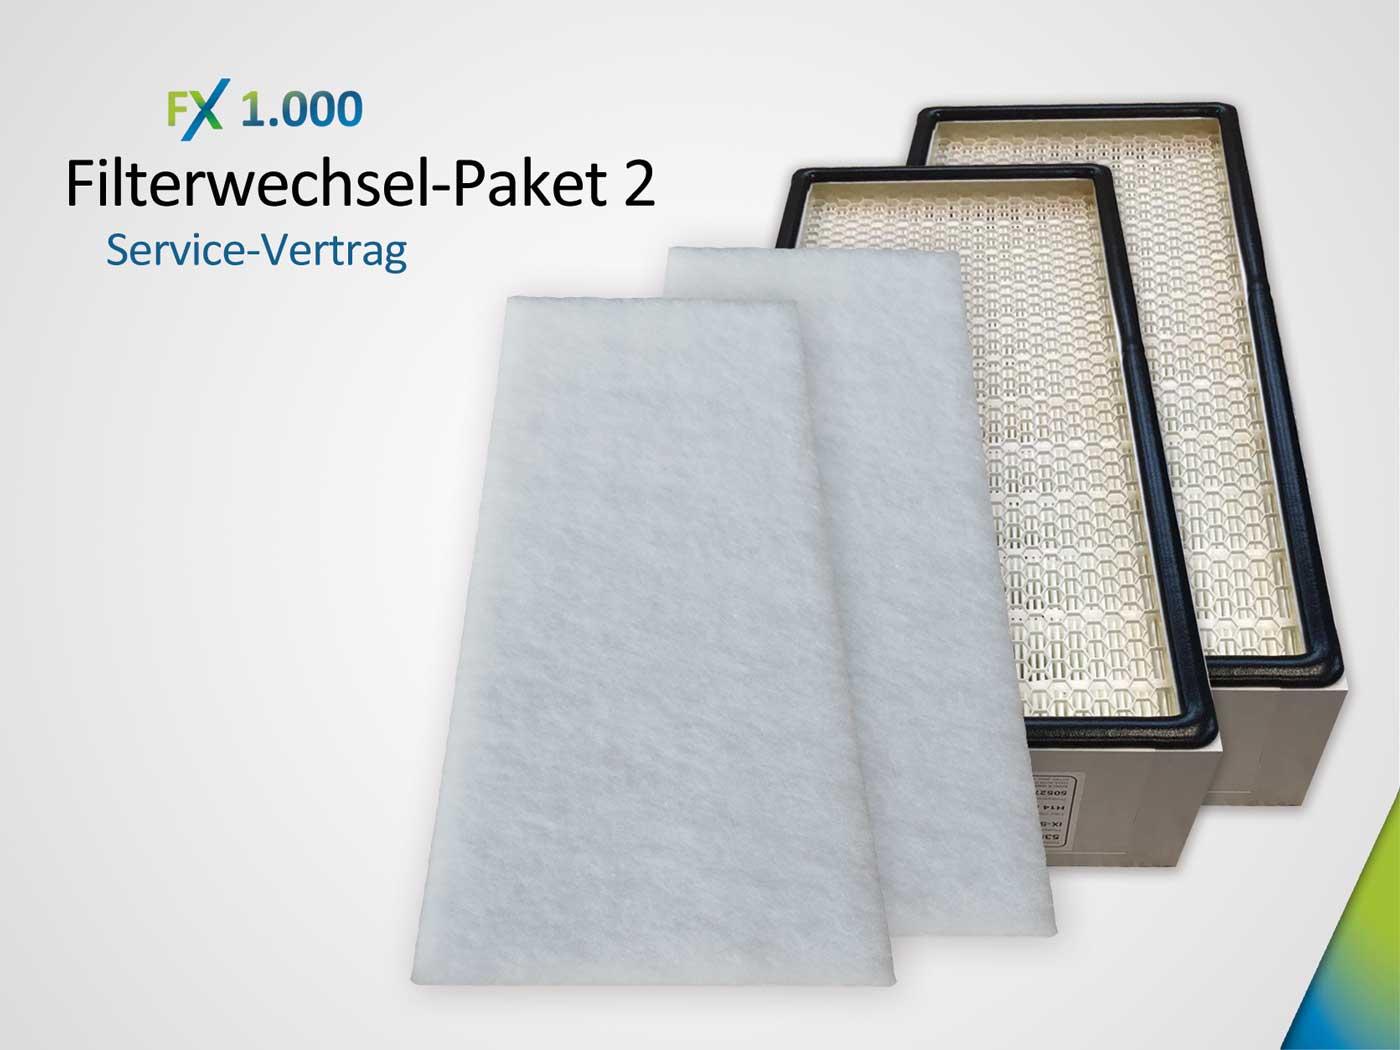 Servicevertrag Filterwechsel-Paket bestehend aus 2 x Grobstaubfilter ISO ePM10 > 50% & Hauptfilter 2 x HEPA H14